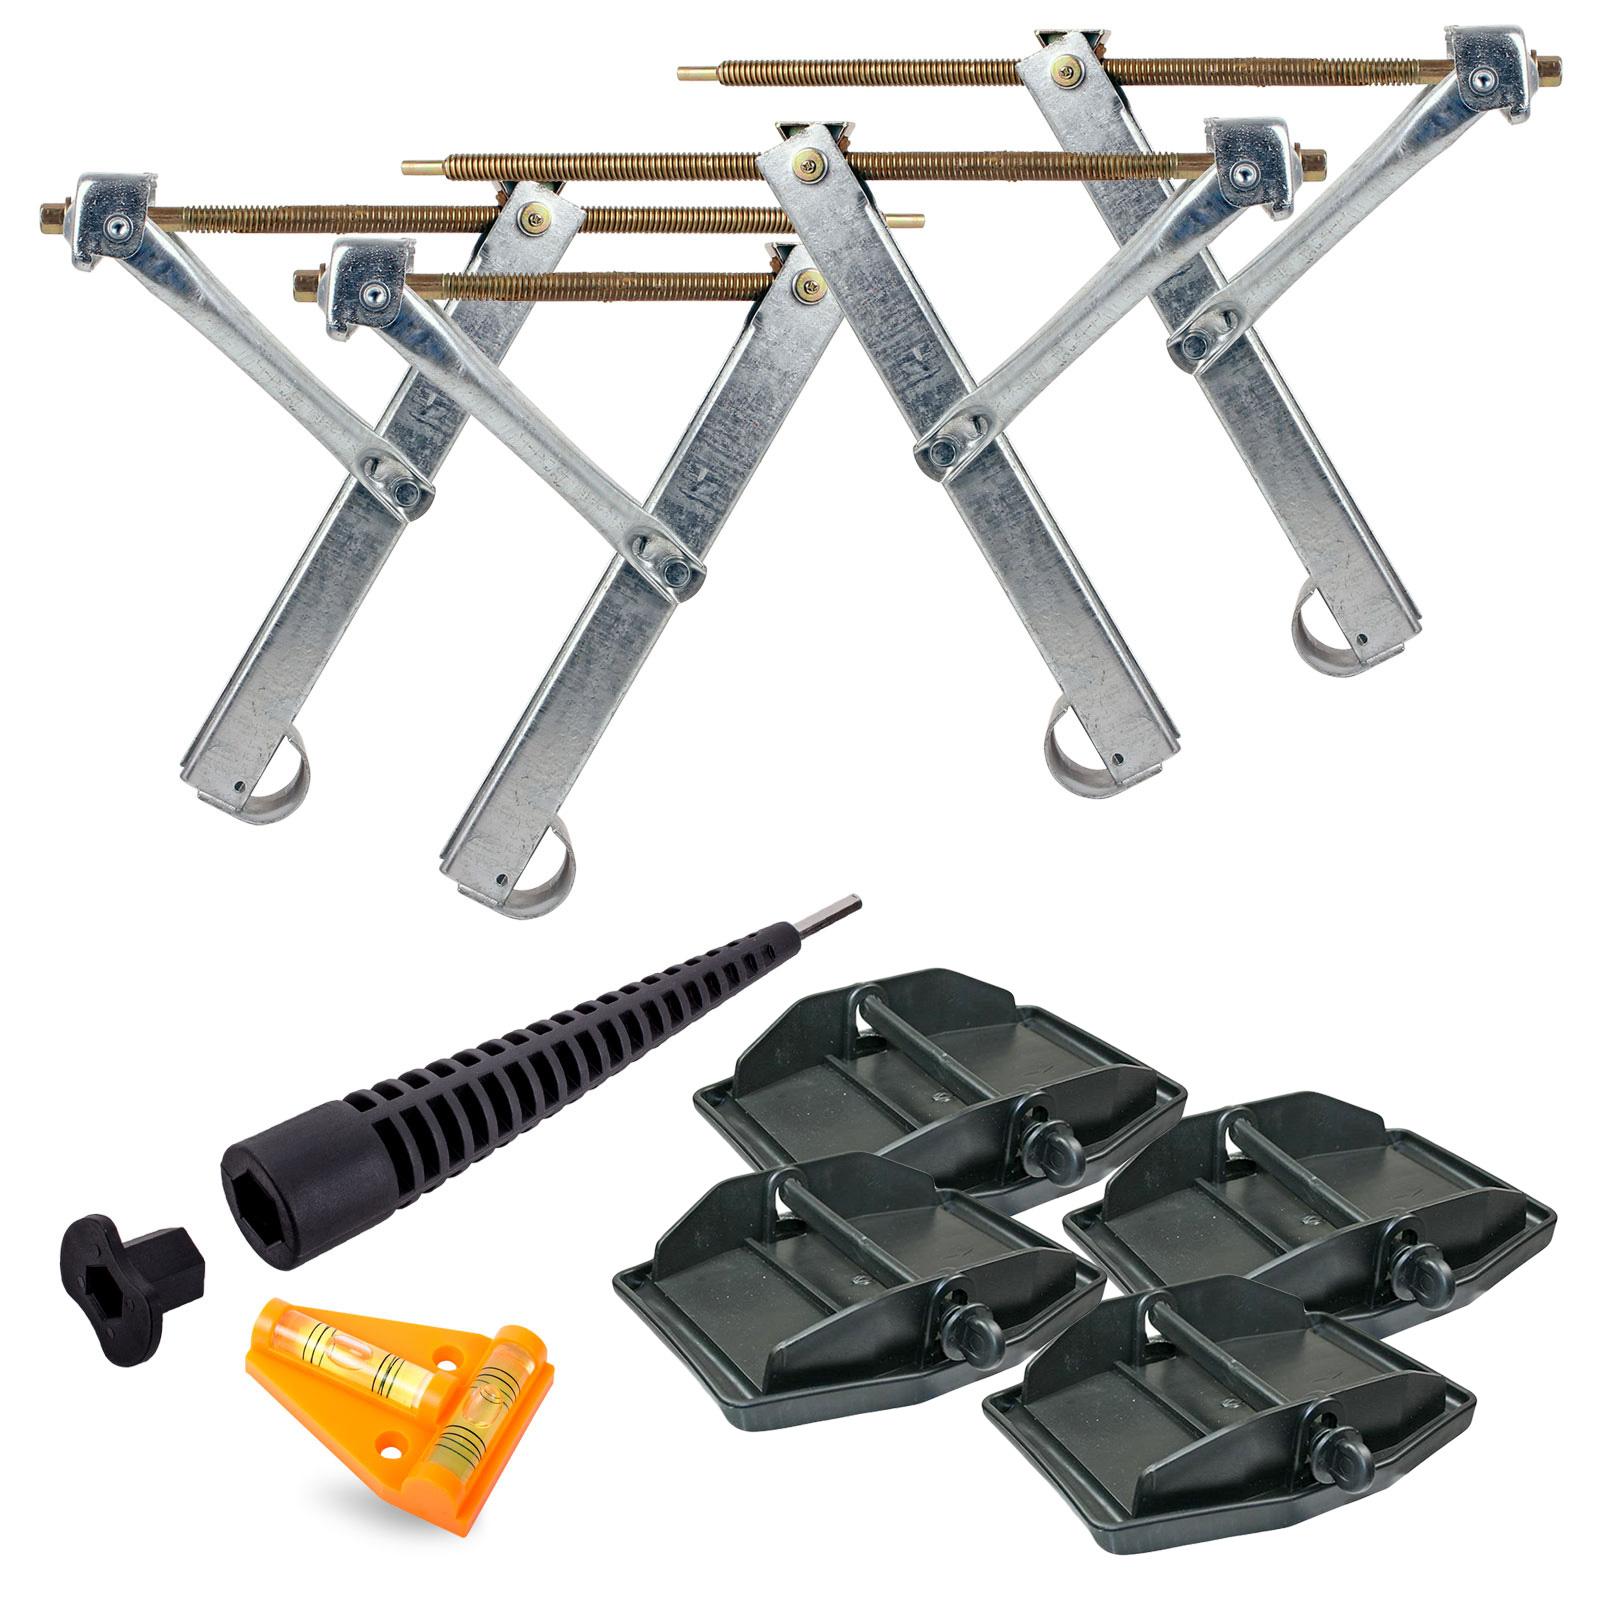 Ausdrehstützen Set + Stützplatten + Akkuschrauberaufsatz + Wasserwaage